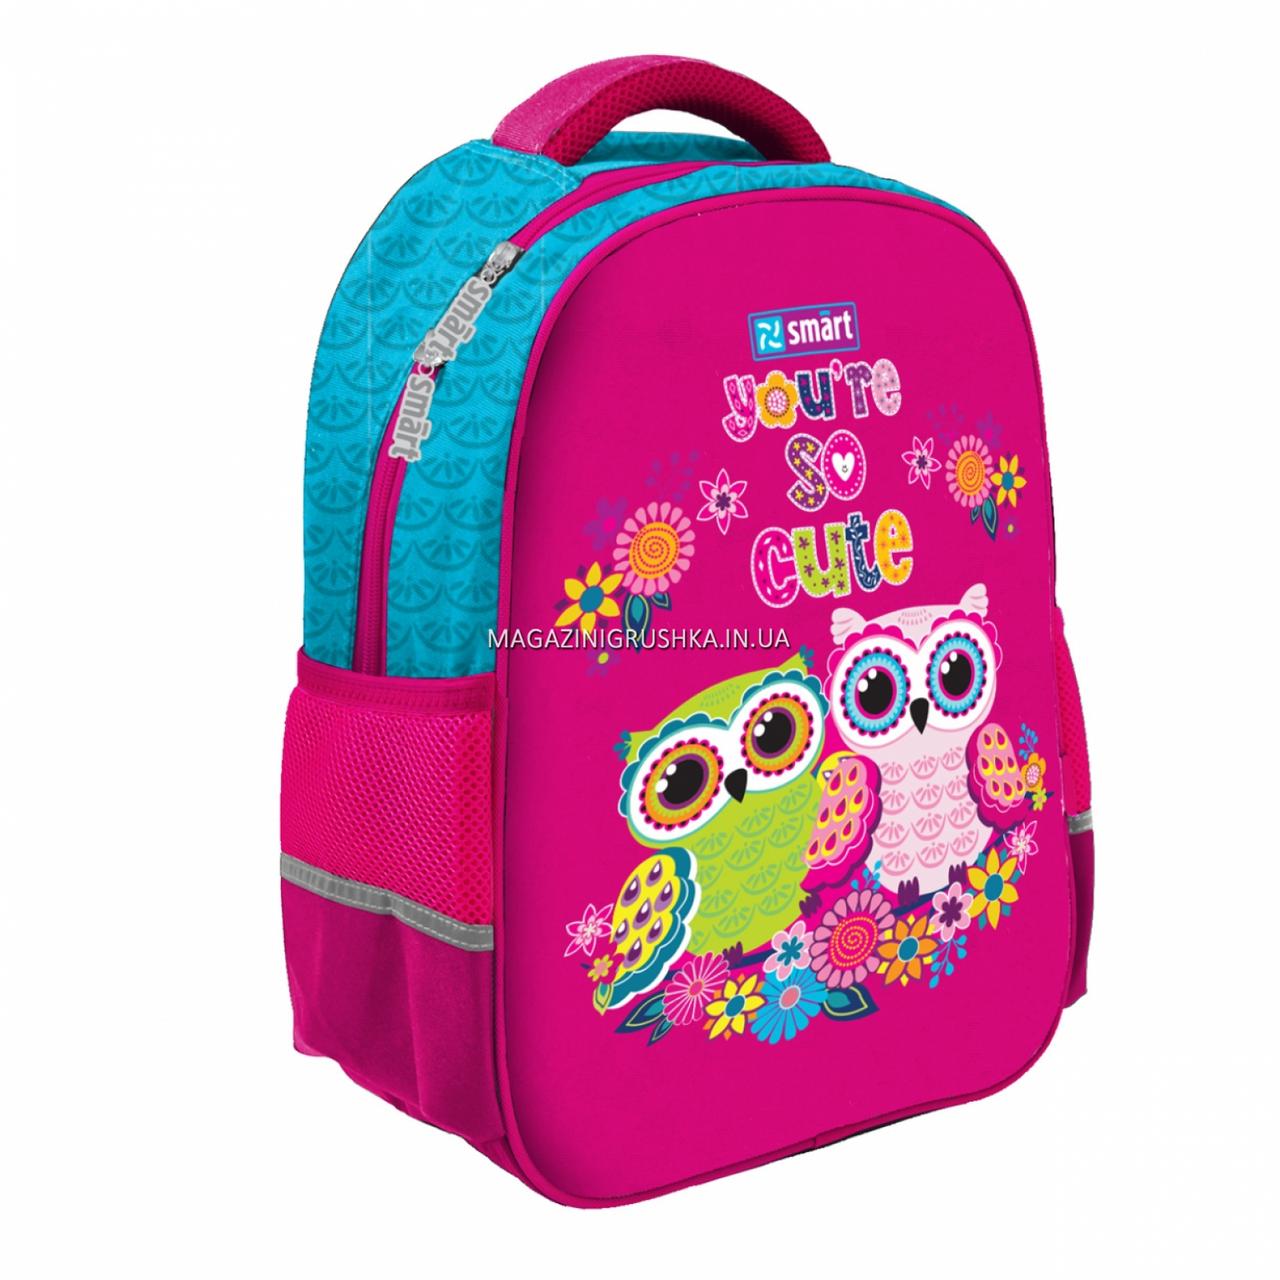 Рюкзак школьный SMART SM-02 OwlsSmart розовый (558180)